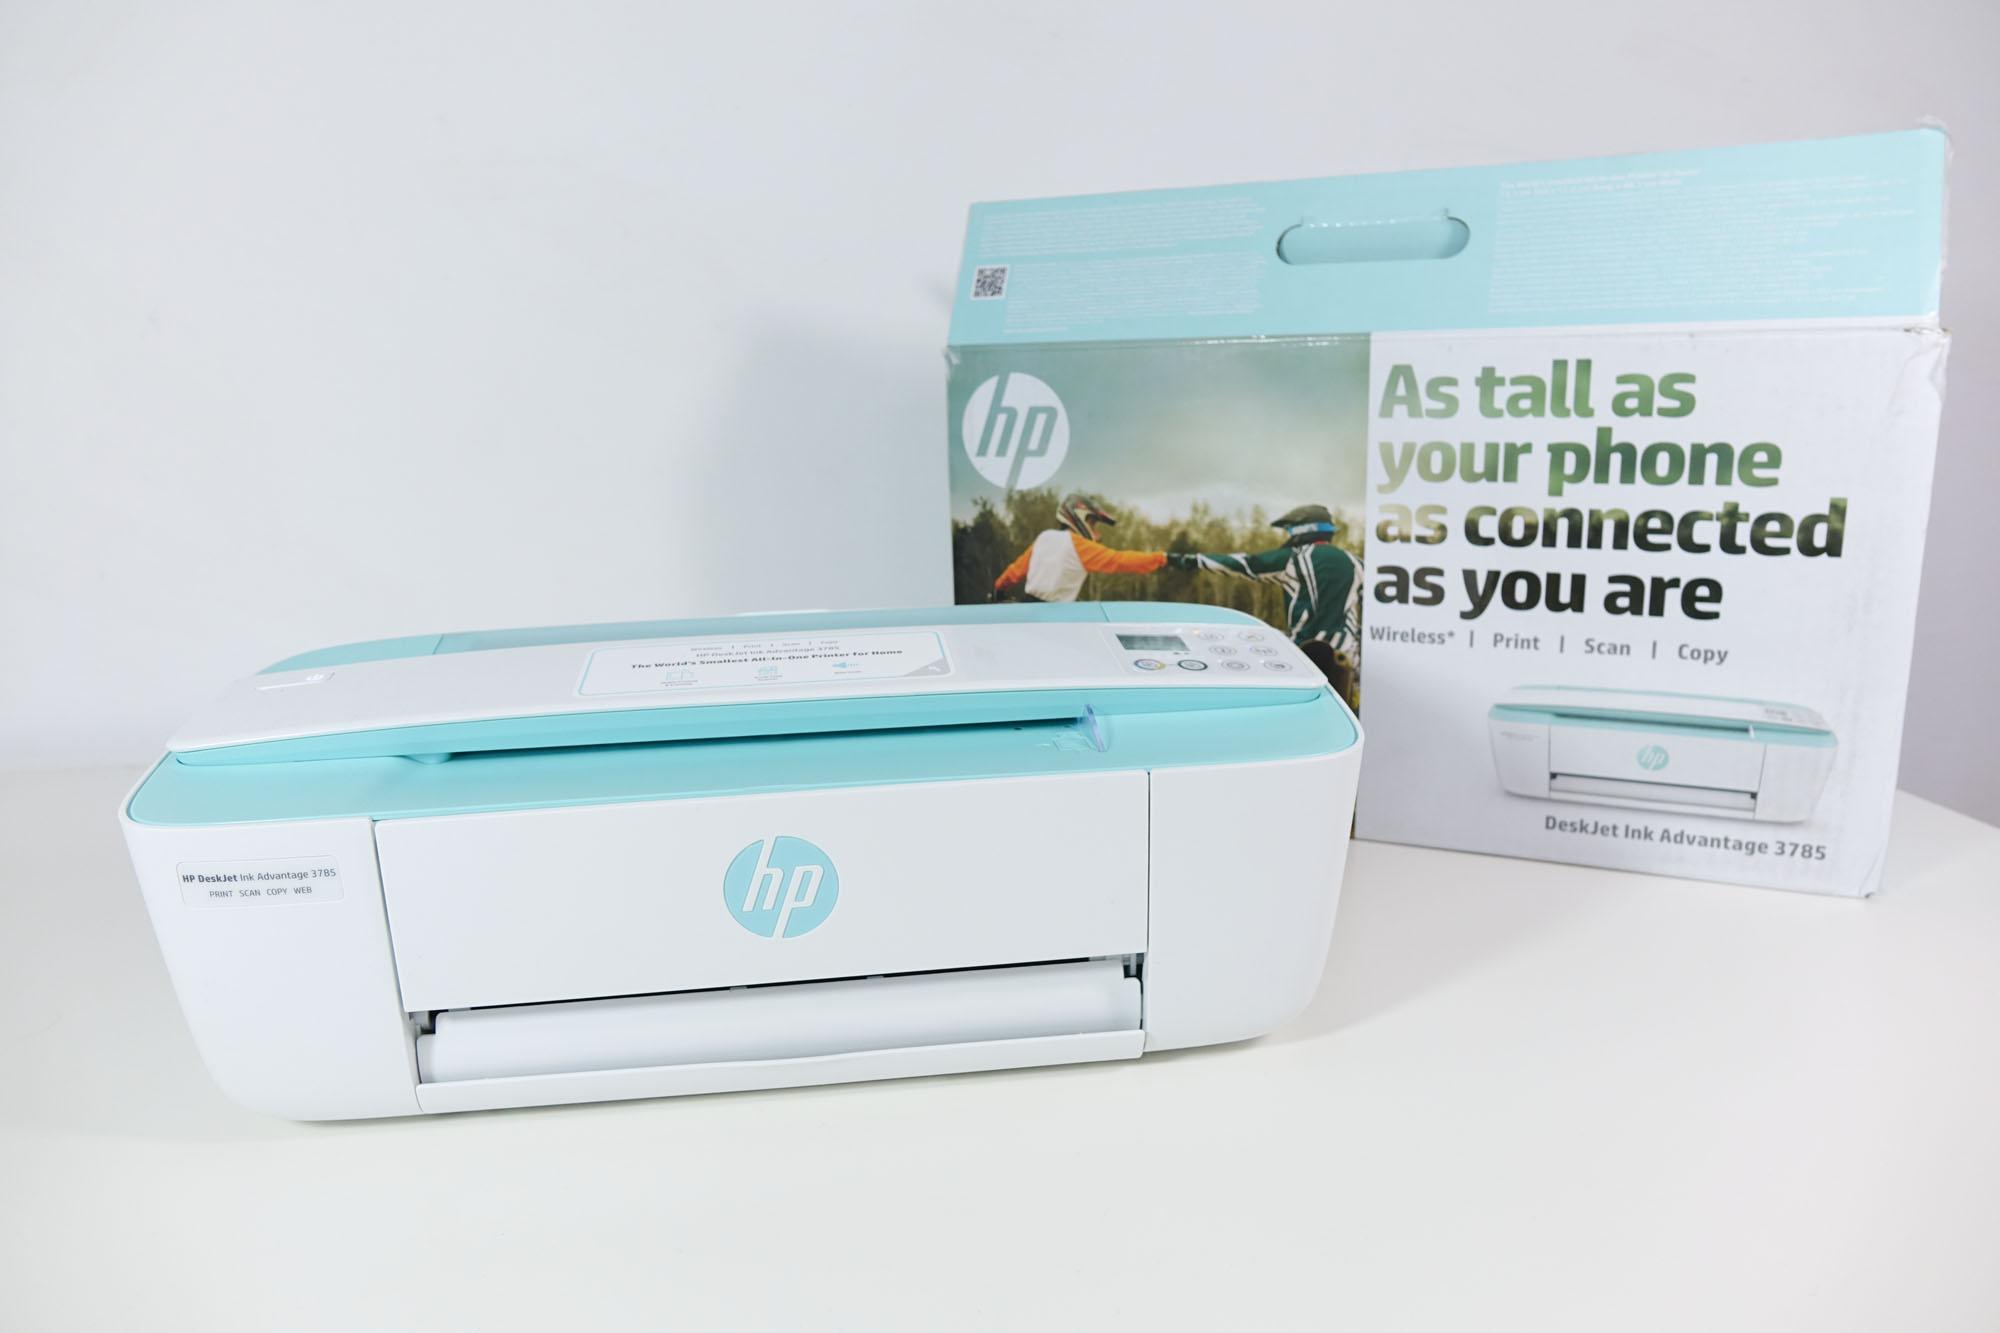 All in e Printer Remote